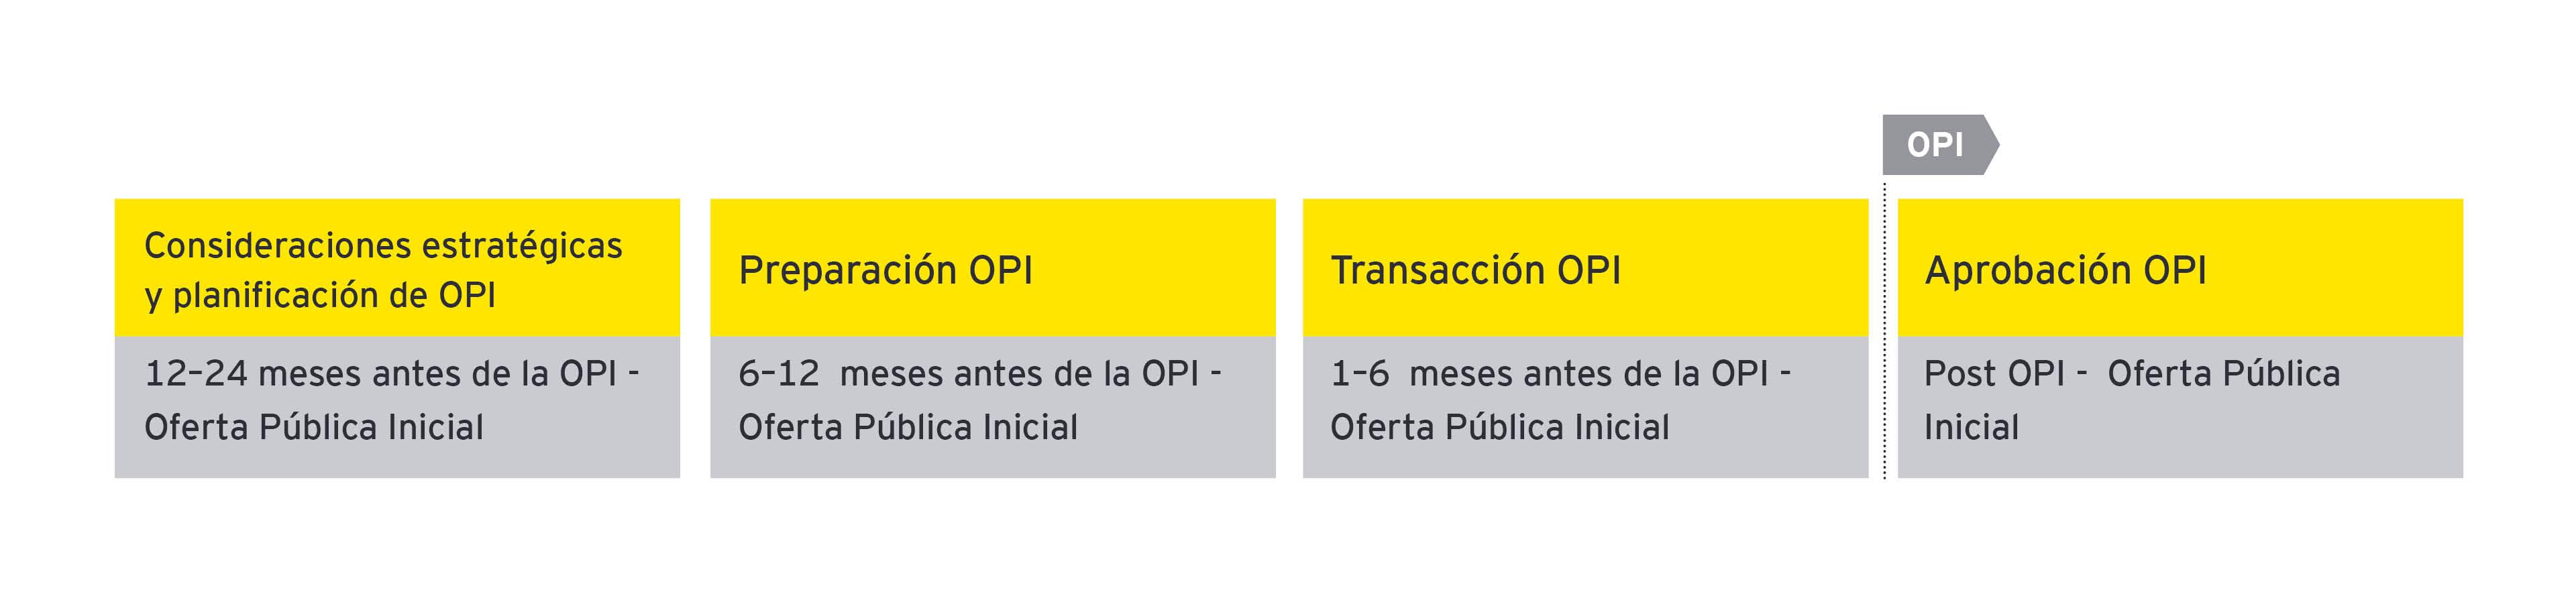 Proceso de valor de EY OPI